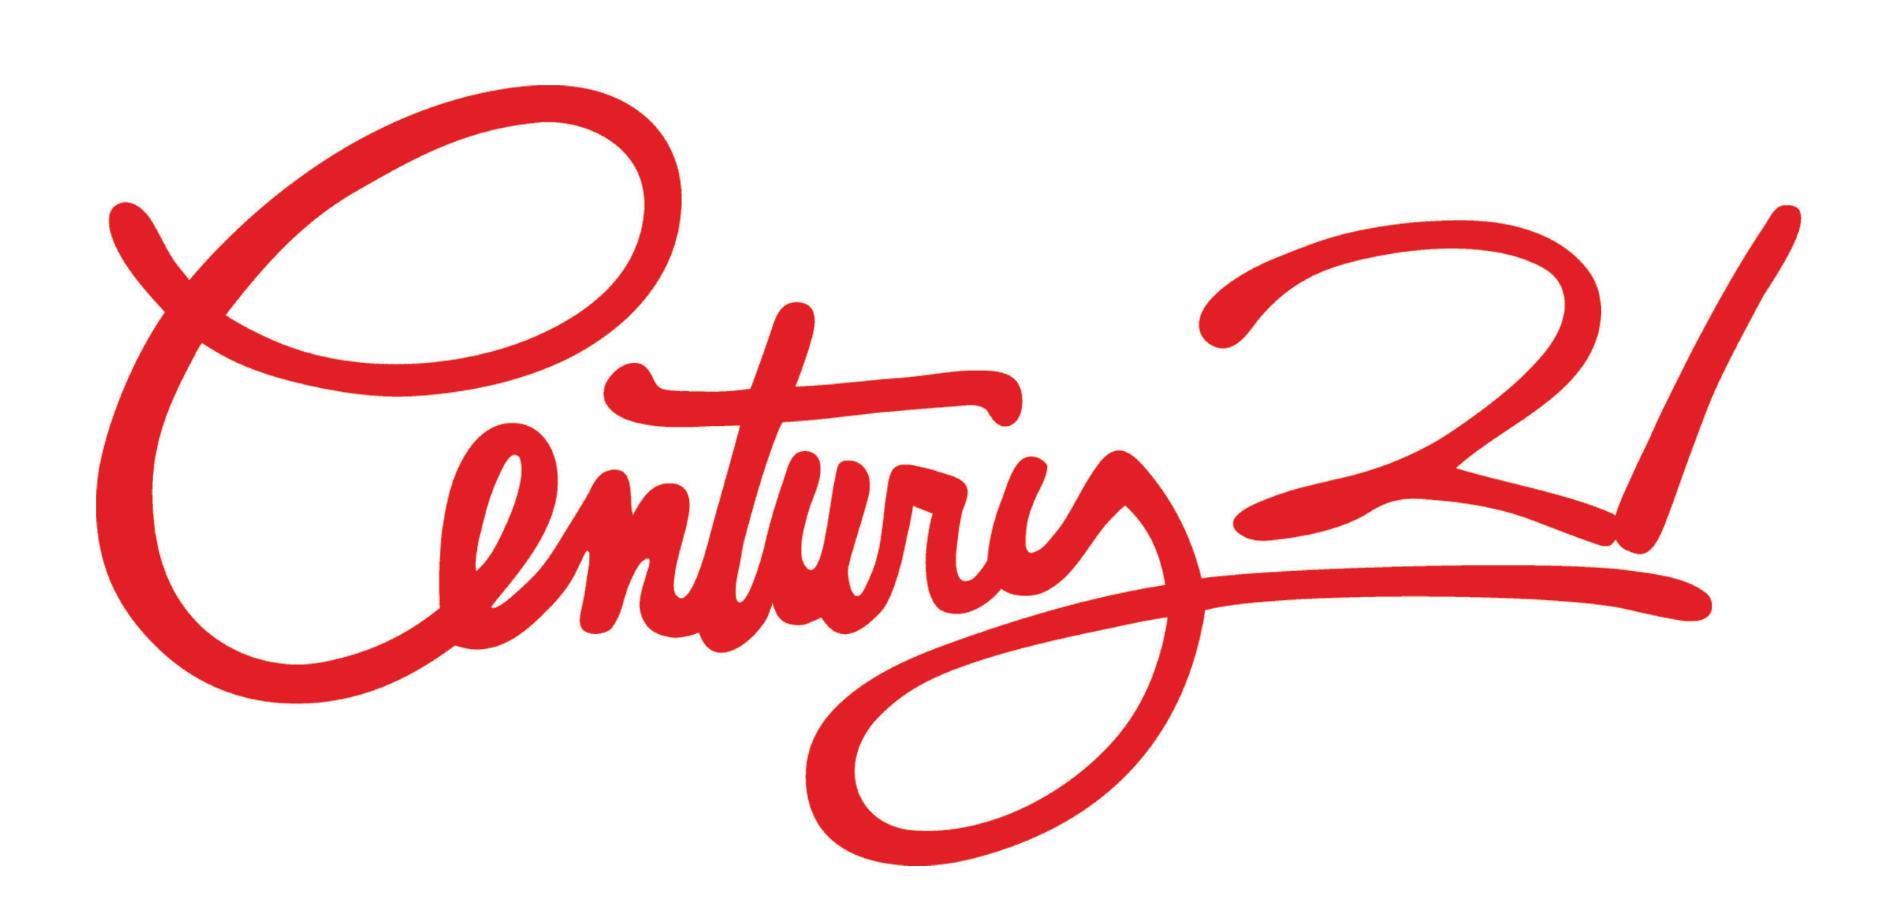 Resultado de imagen para century 21 logo